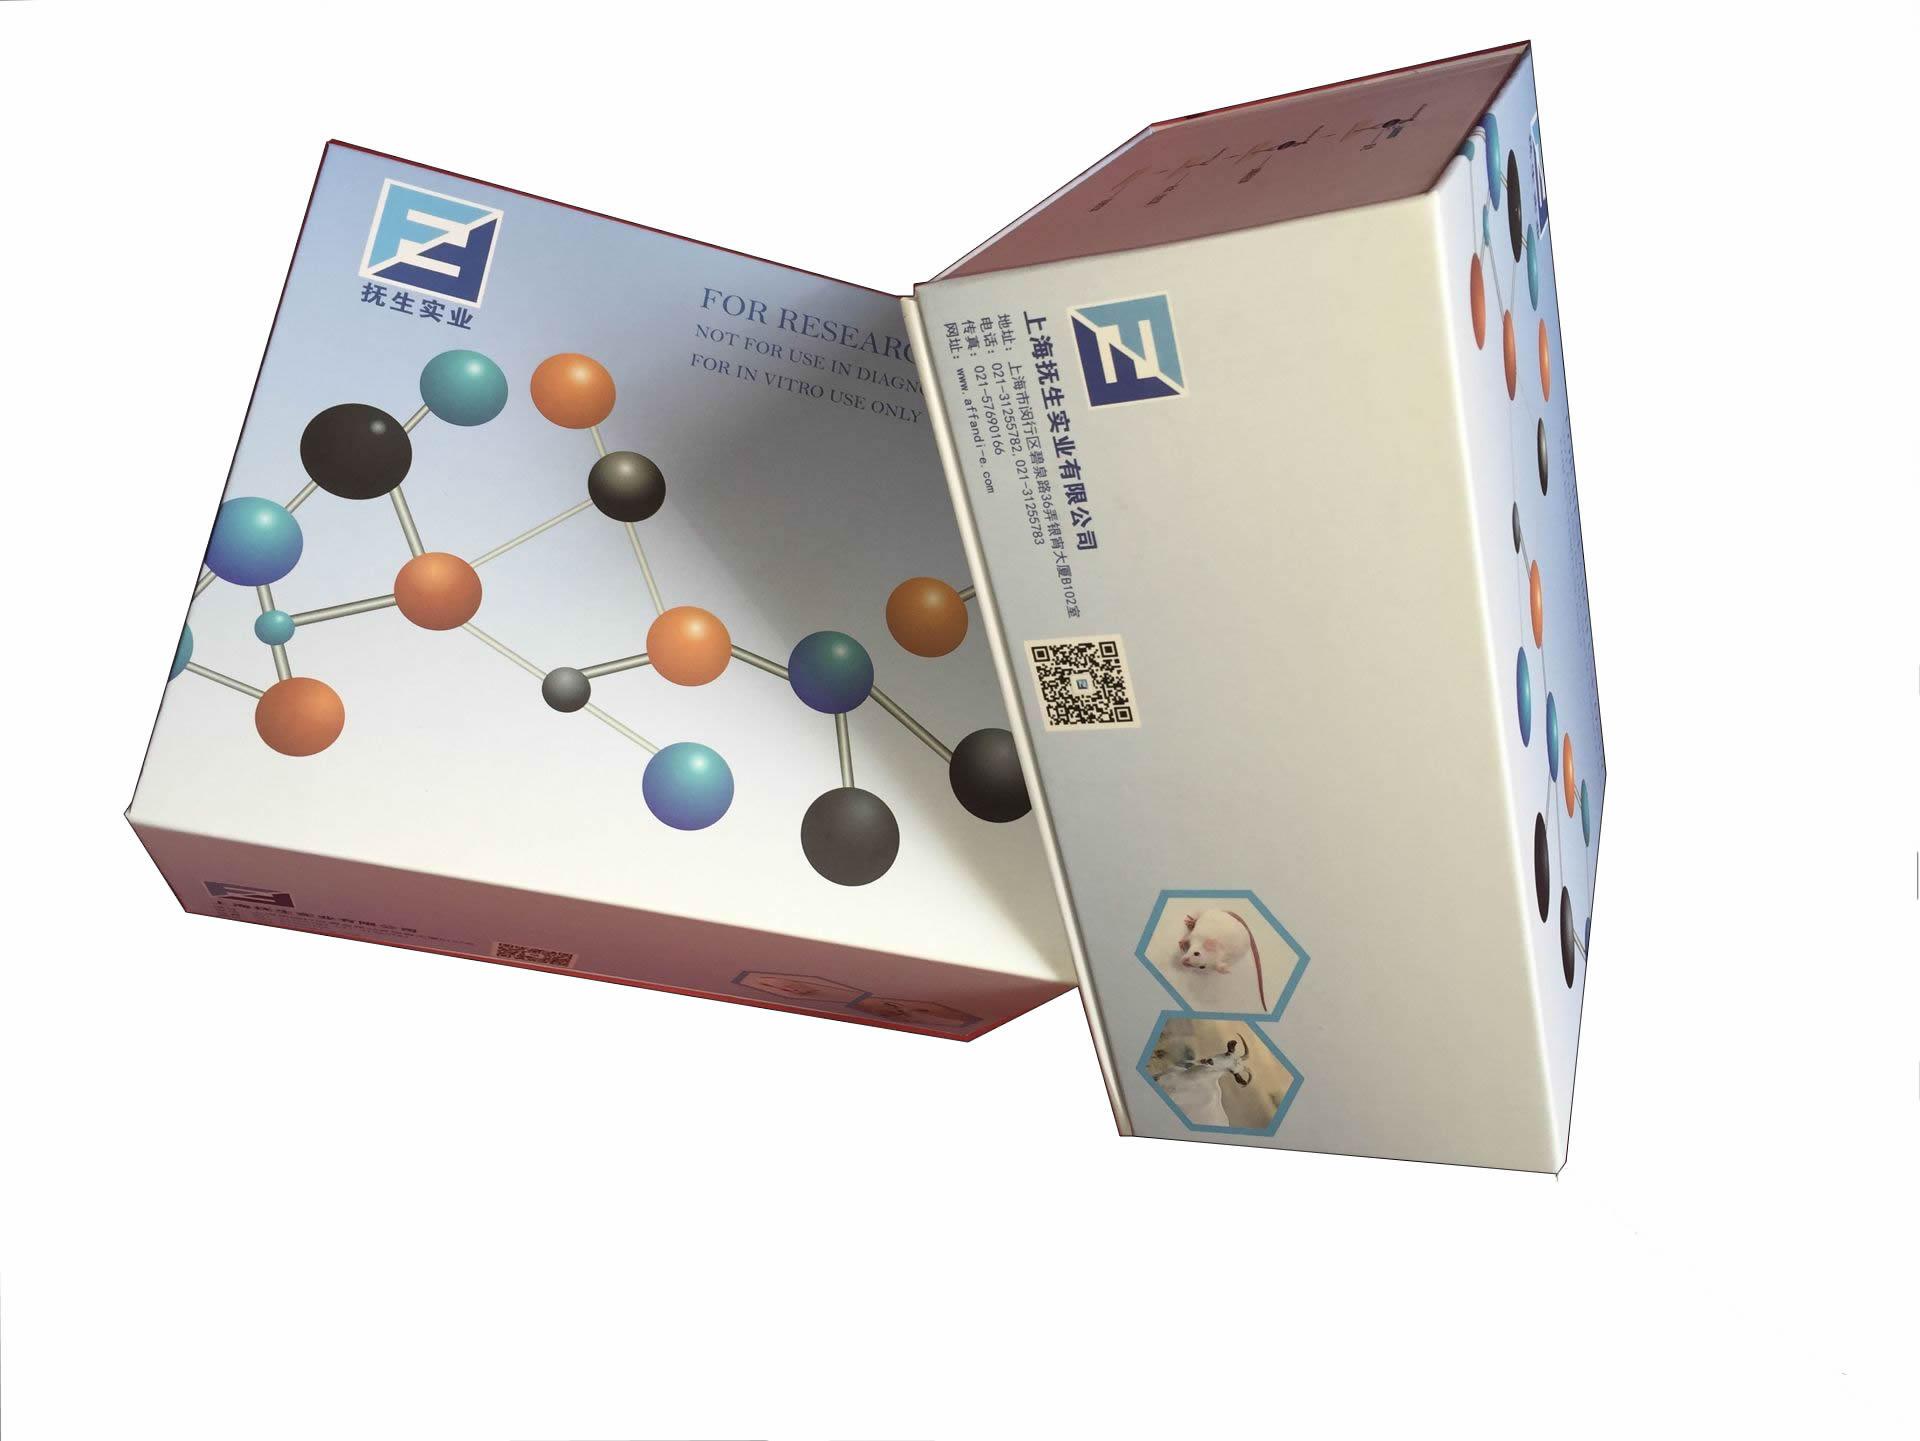 15羟二十碳四烯酸检测试剂盒